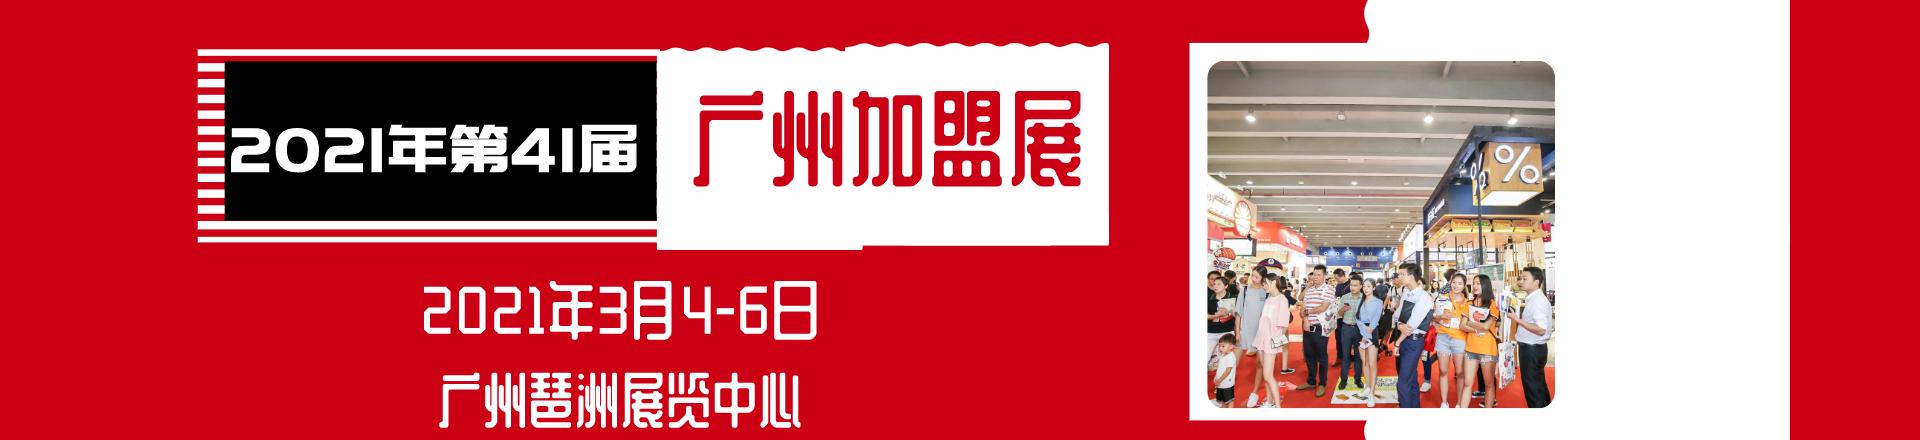 2021GFE第41届广州特许连锁加盟展